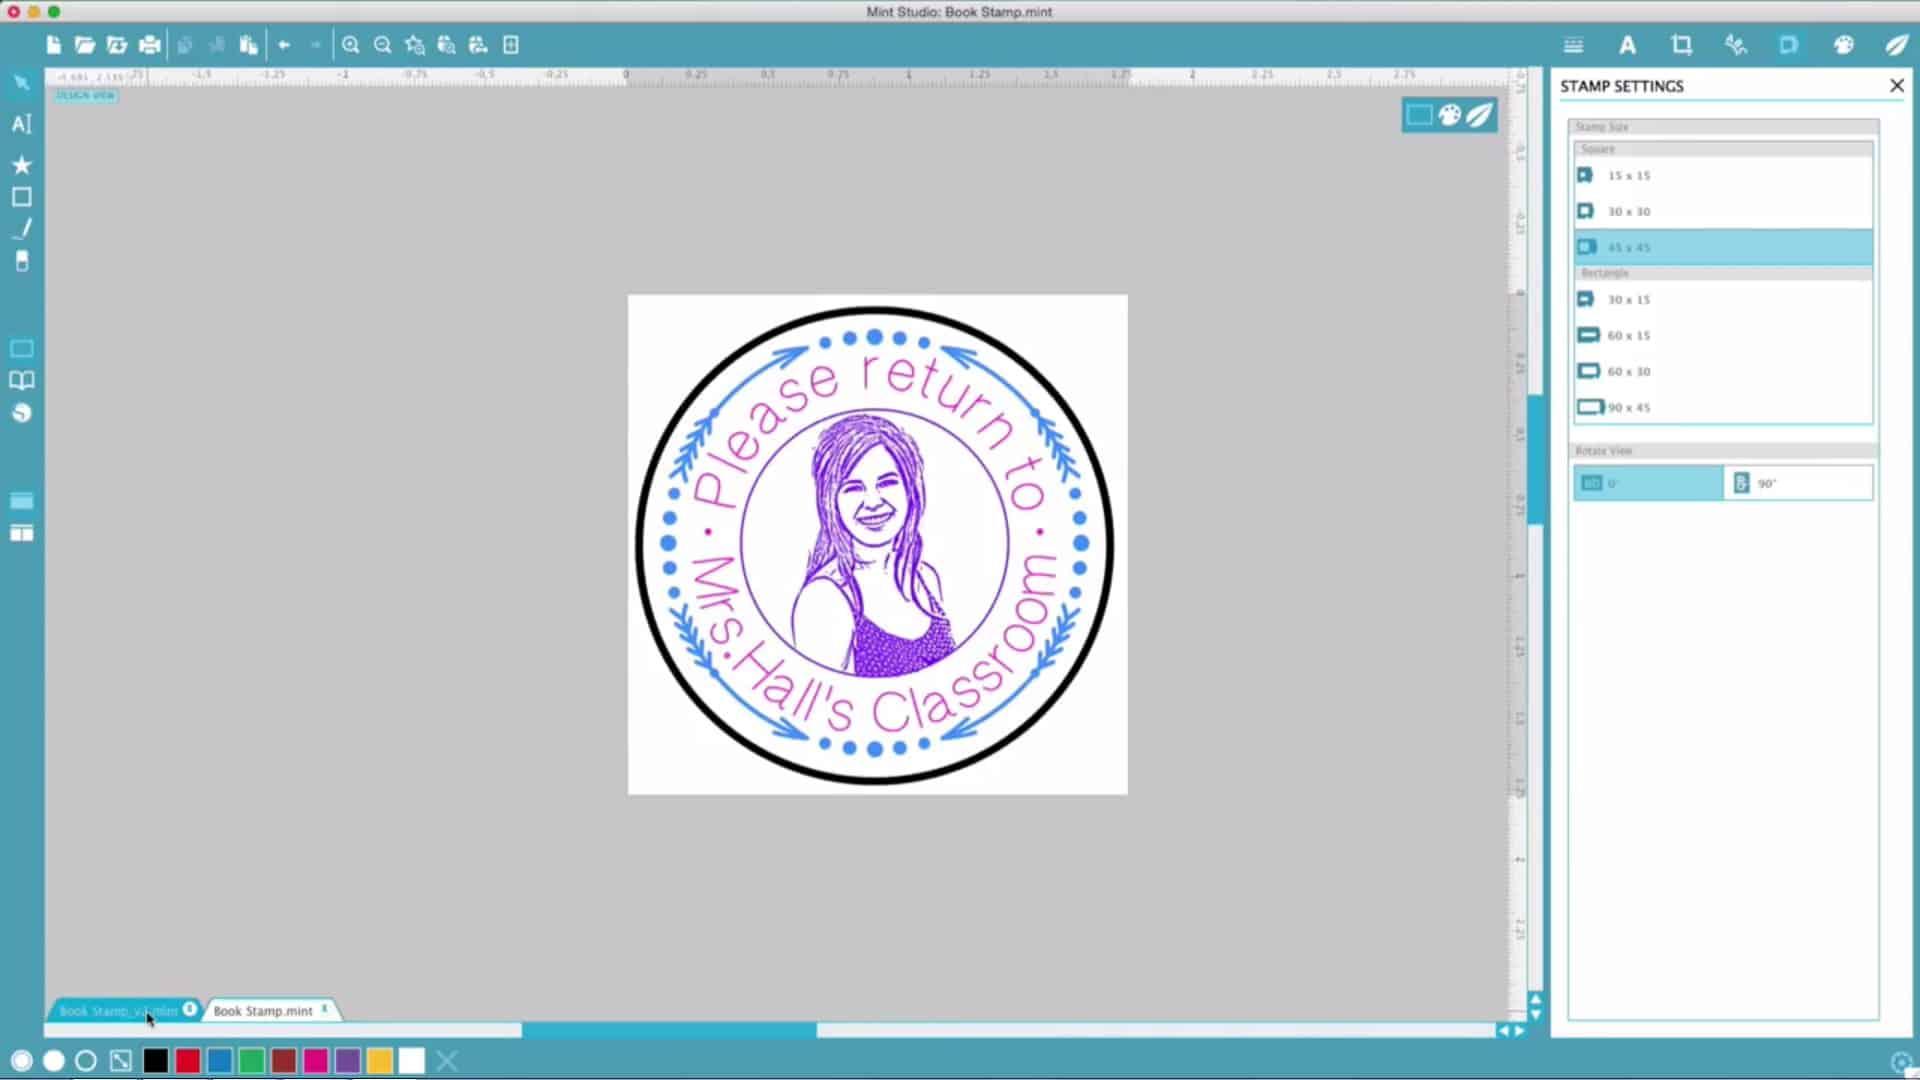 Παρουσίαση εργαλείου: Silhouette Mint Custom Stamp Maker 2